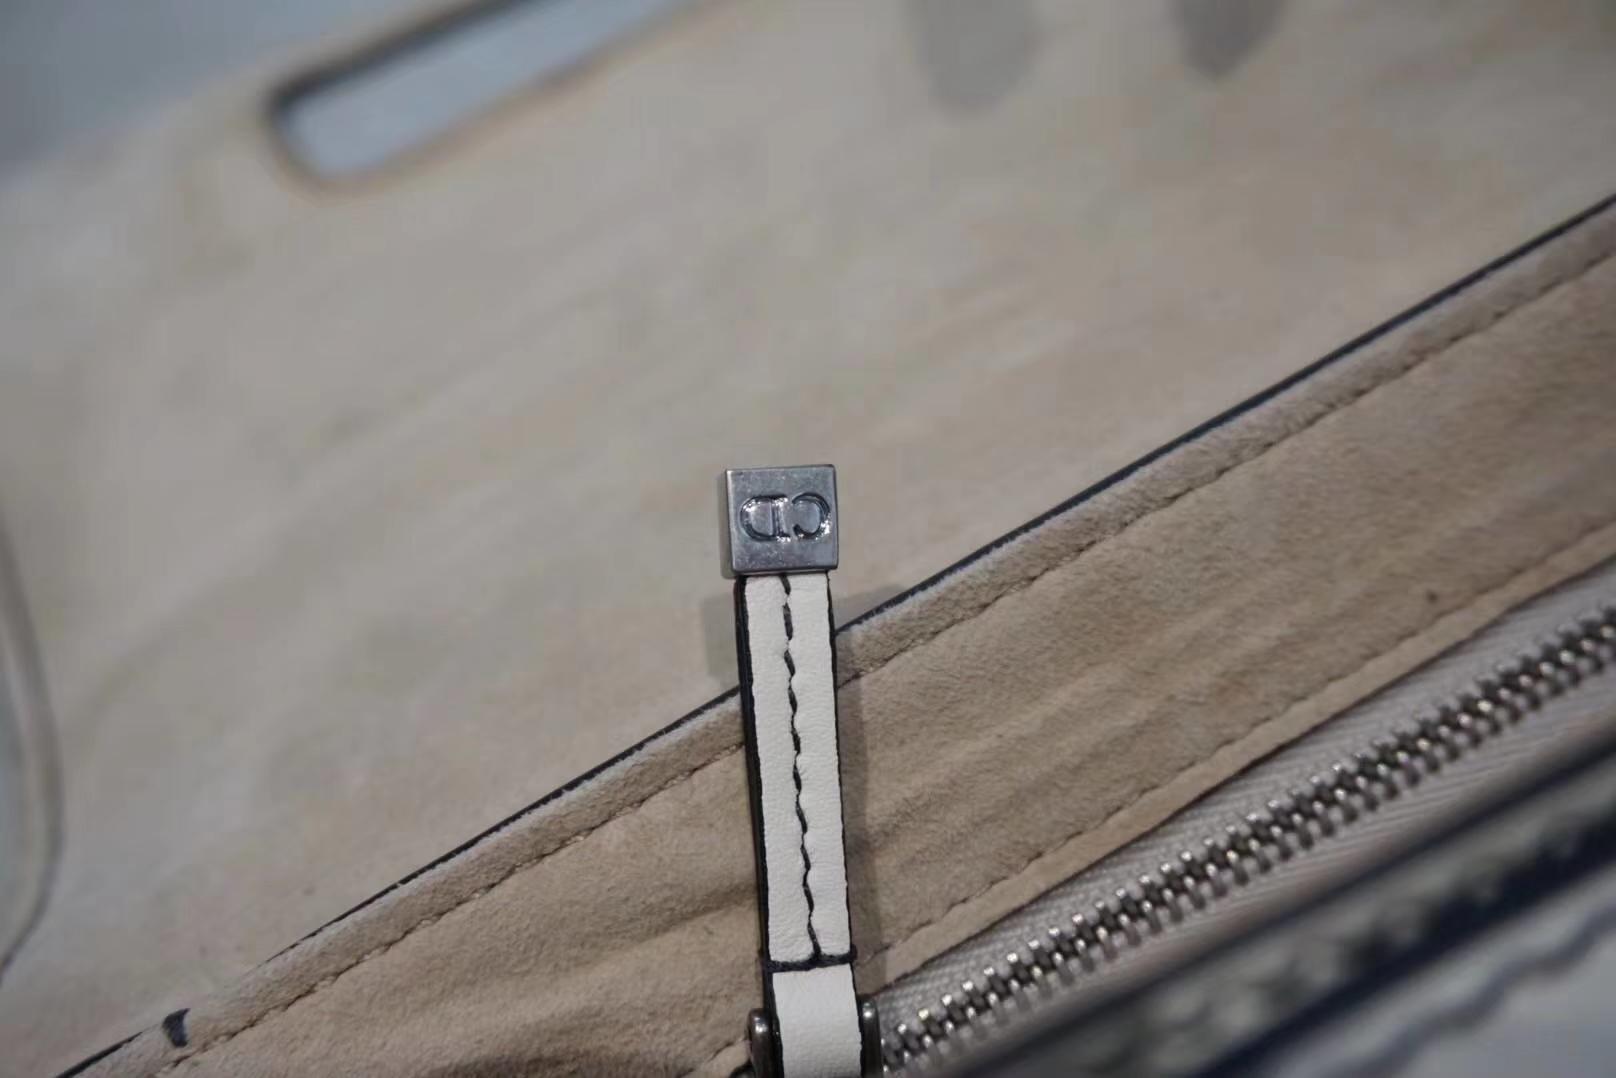 DIOR迪奥 翻盖牛皮包 25cm 白色 金扣